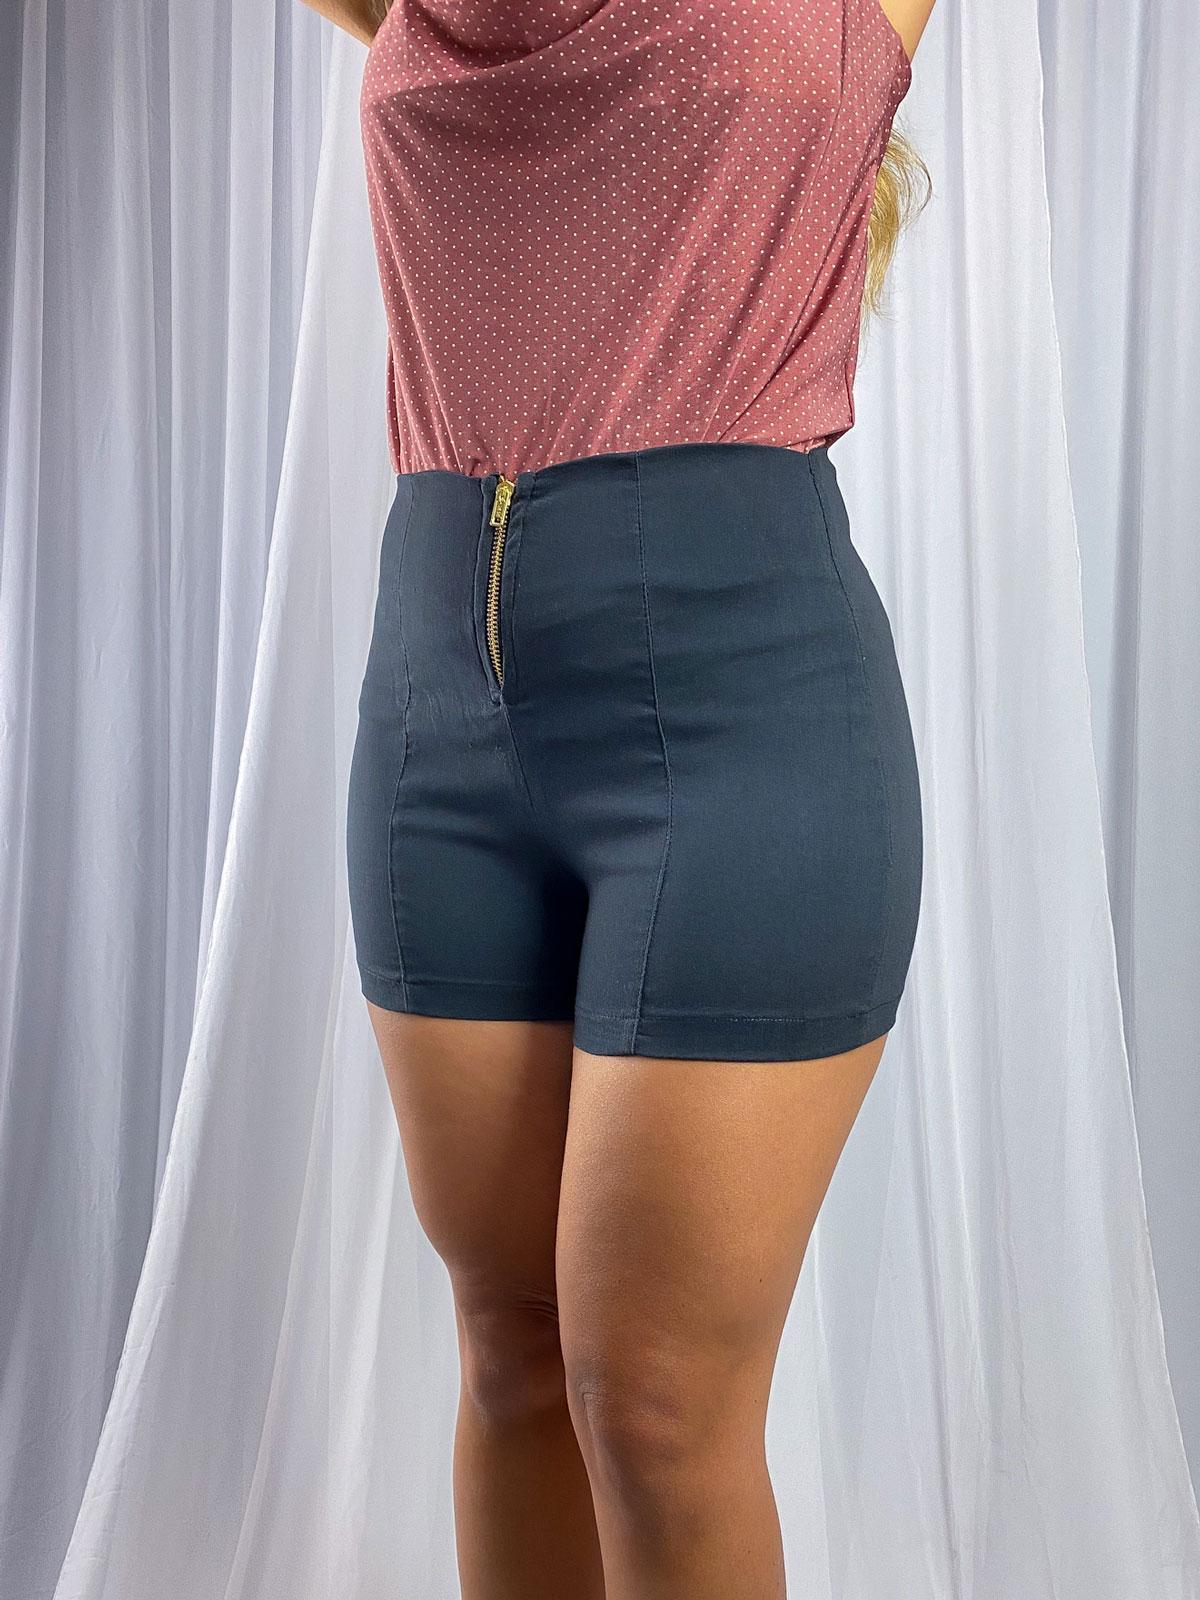 Short Hot Pants Bengaline